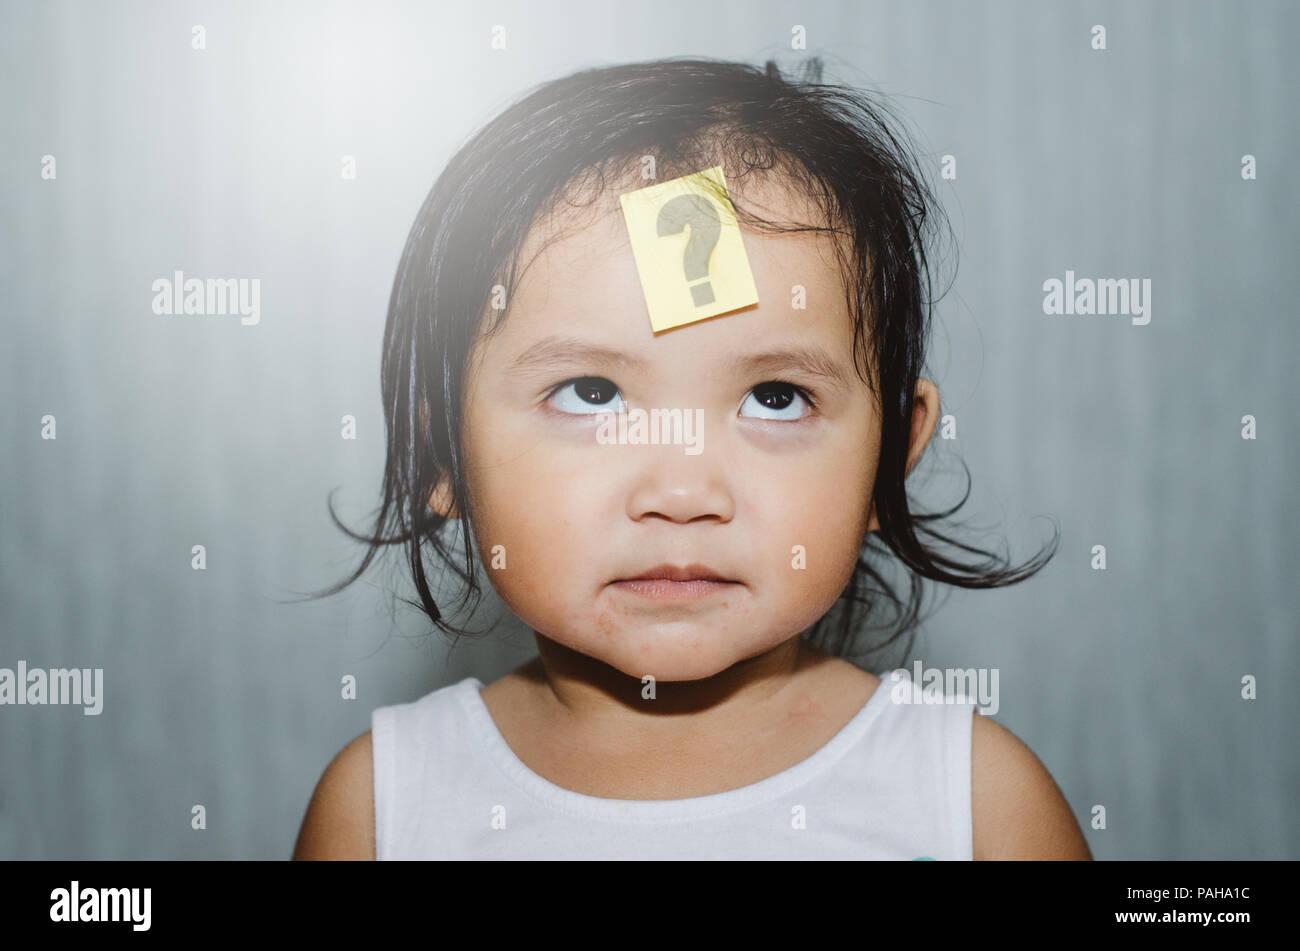 Asian simpatico bimbo guardando il punto interrogativo sulla sua fronte con faccia buffa. bambino apprendimento e concetto di crescita Immagini Stock